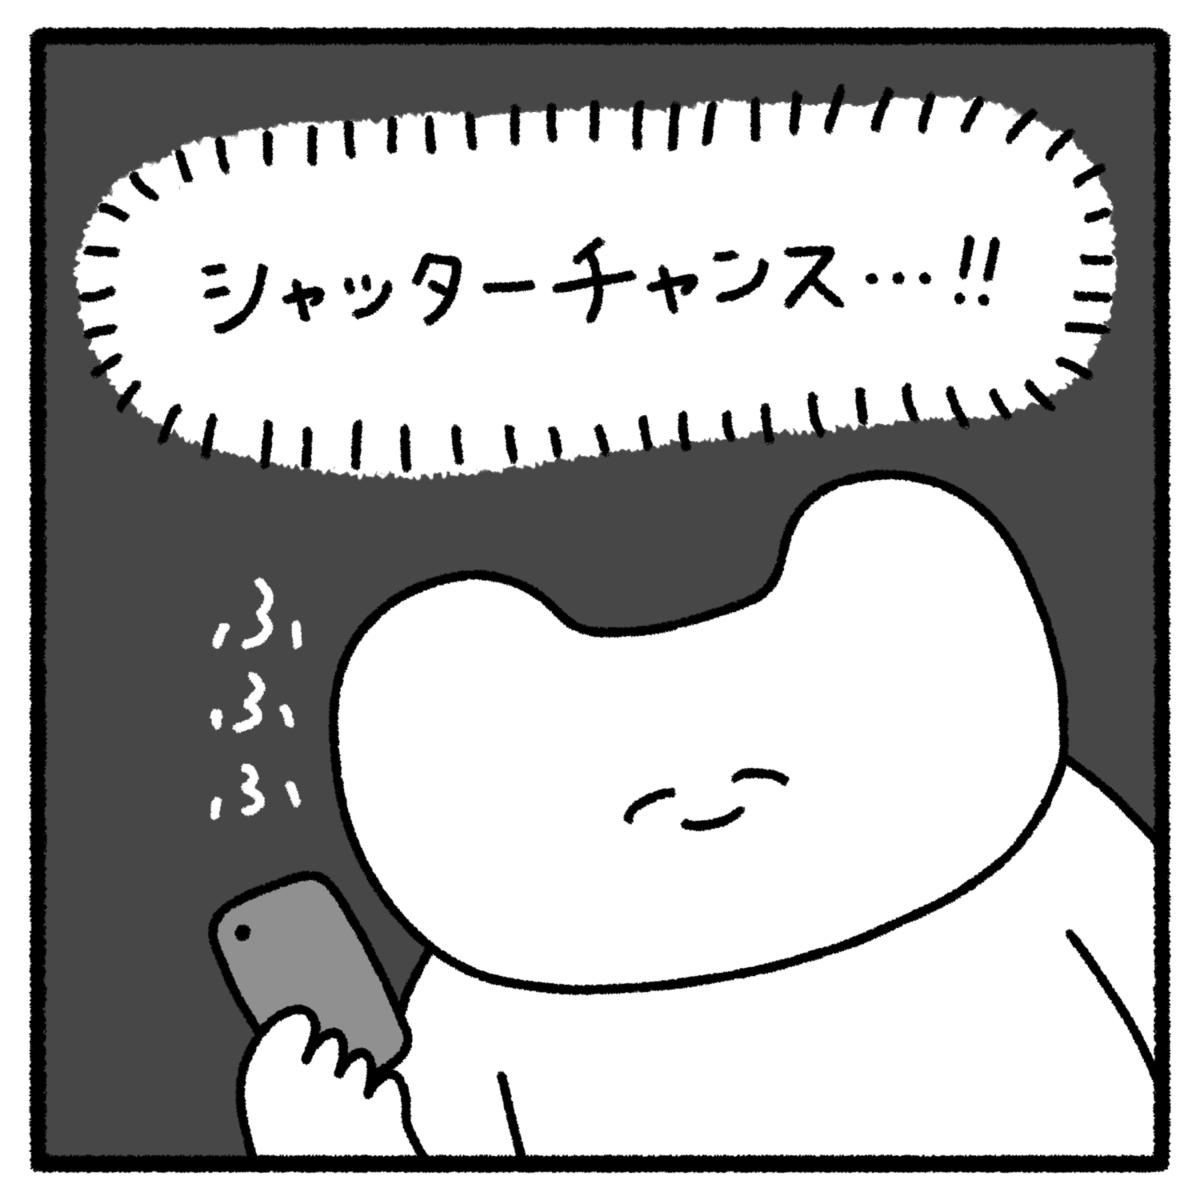 f:id:usgmen:20210422130031p:plain